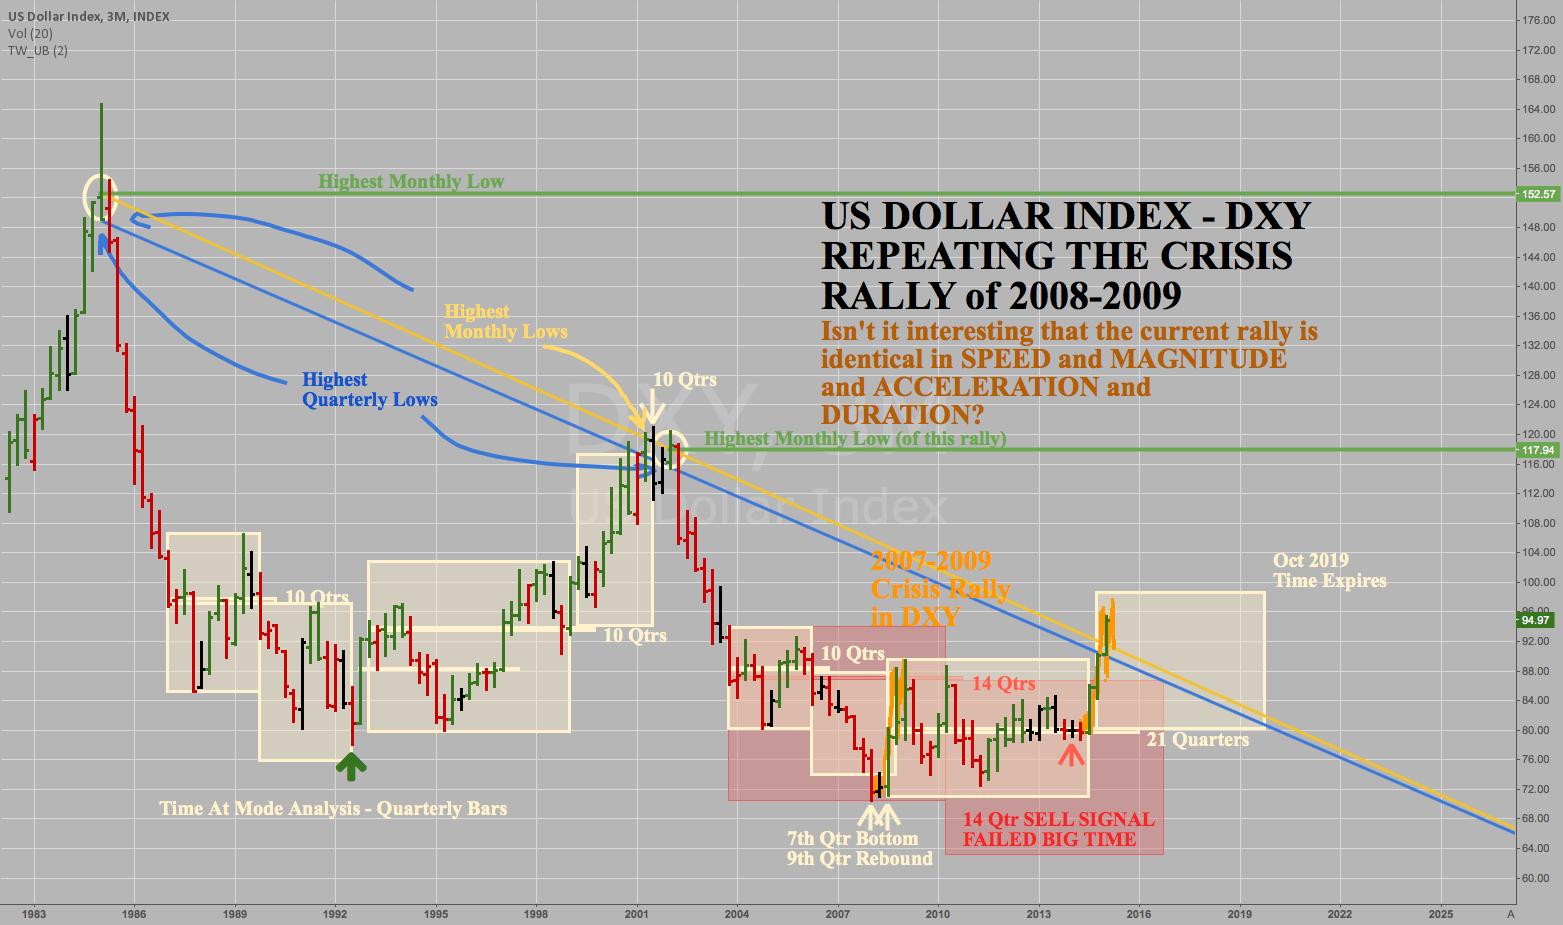 DXY - US DOLLAR INDEX - QUARTERLY - Trends Analyzed